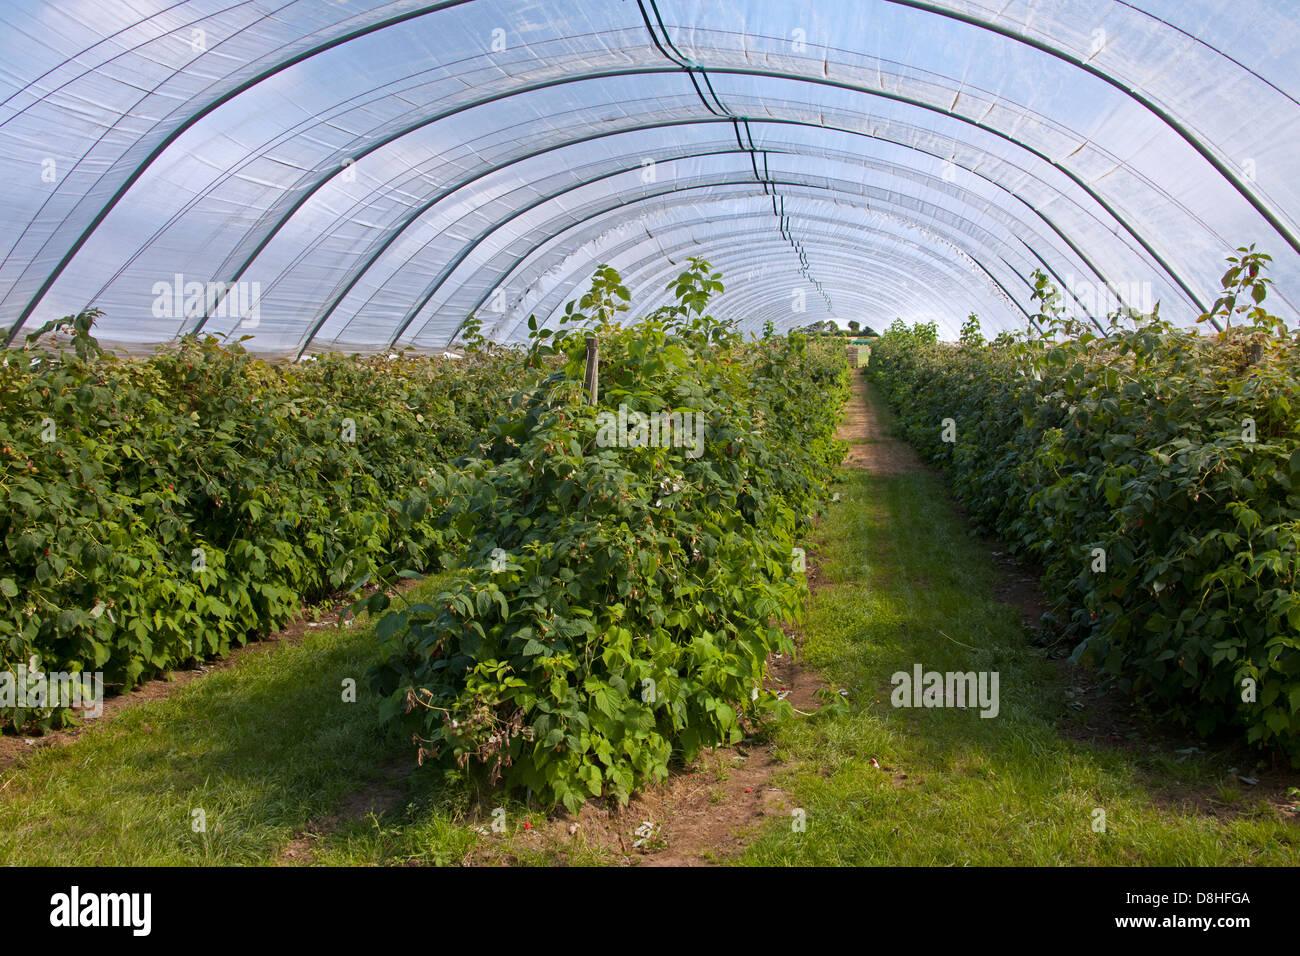 Come Coltivare I Lamponi coltivazione di lamponi rosso (rubus idaeus) nella serra di